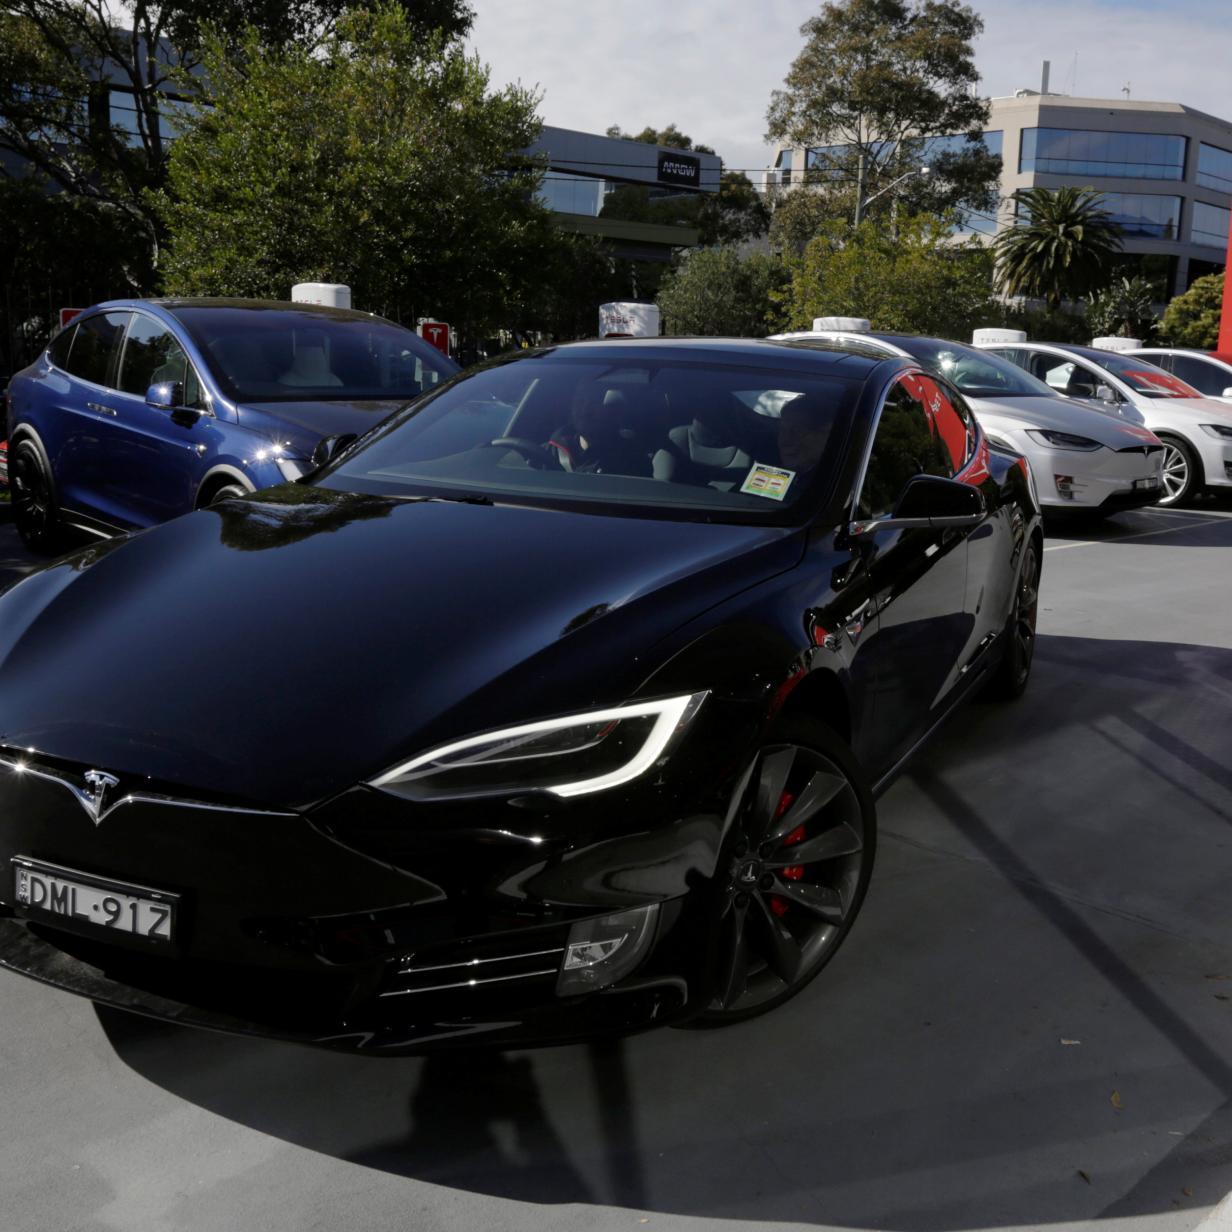 Video: Parkendes Tesla Model S geht plötzlich in Flammen auf